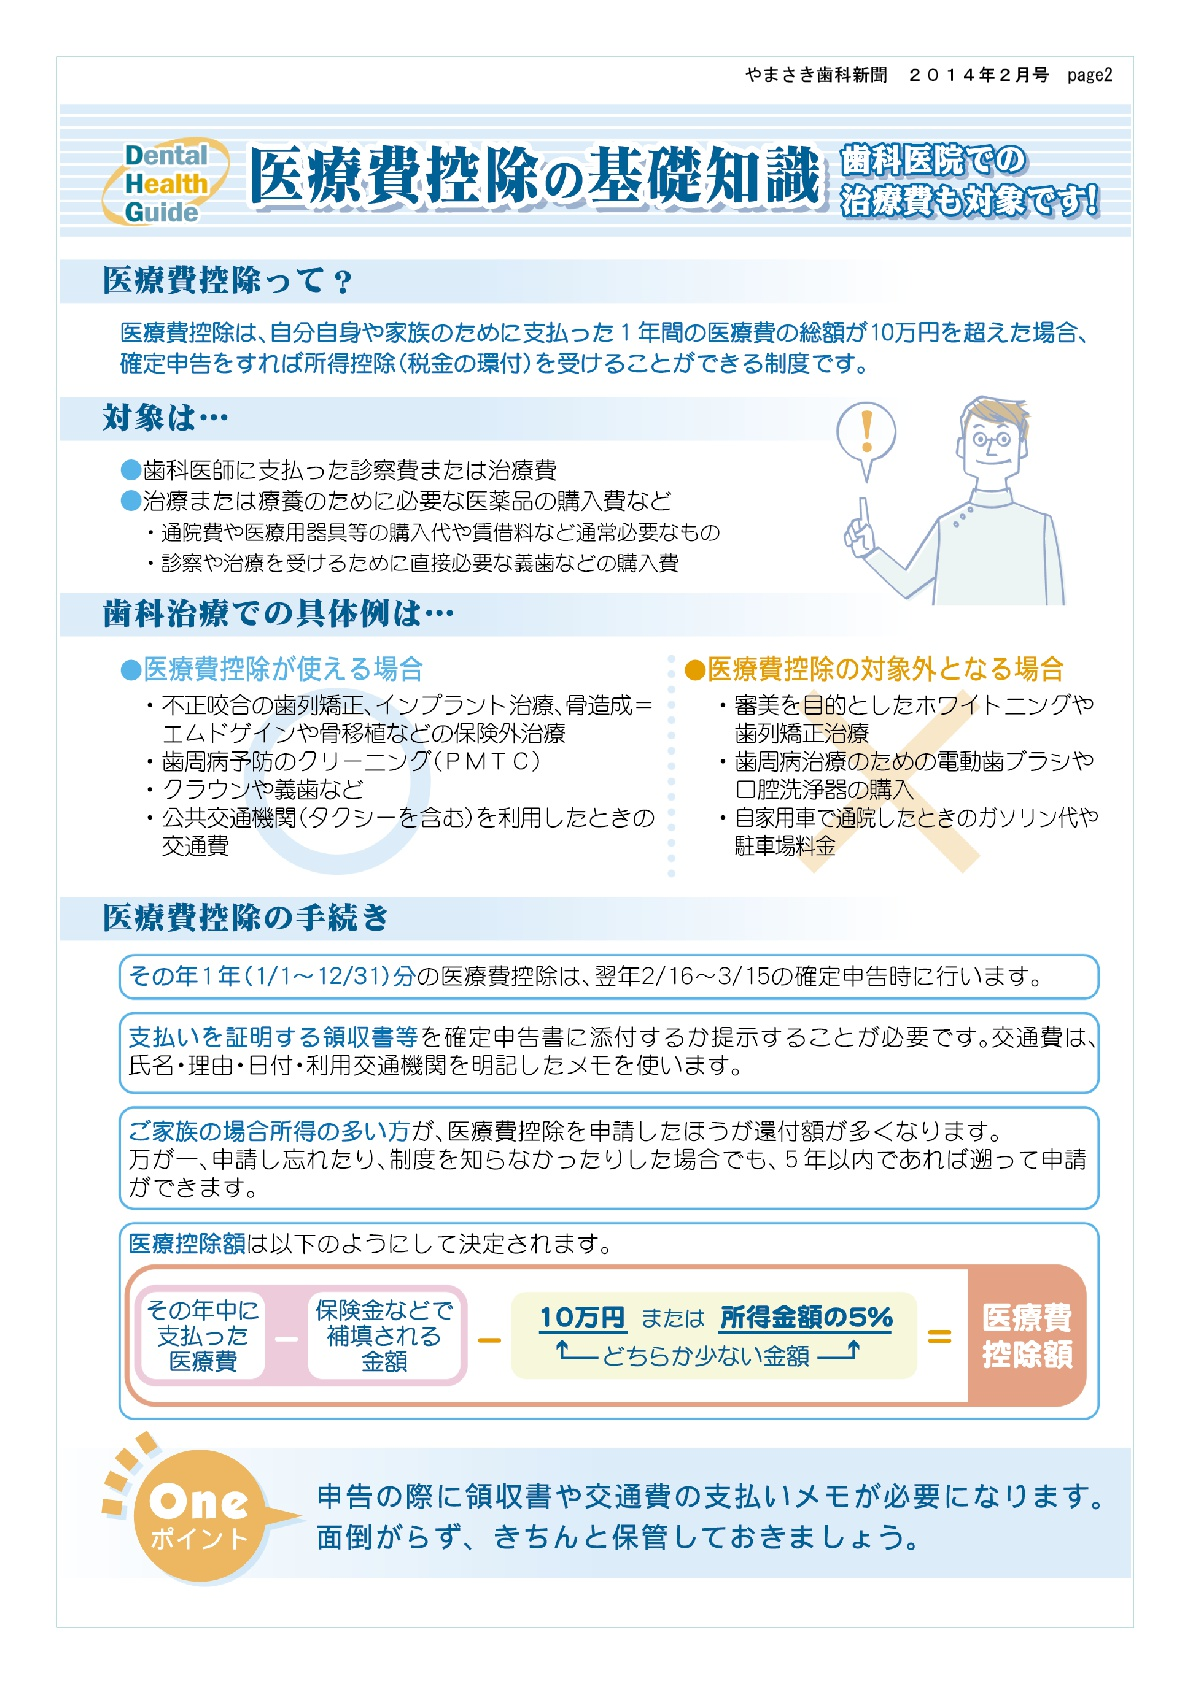 sinbun14-2-page234-001